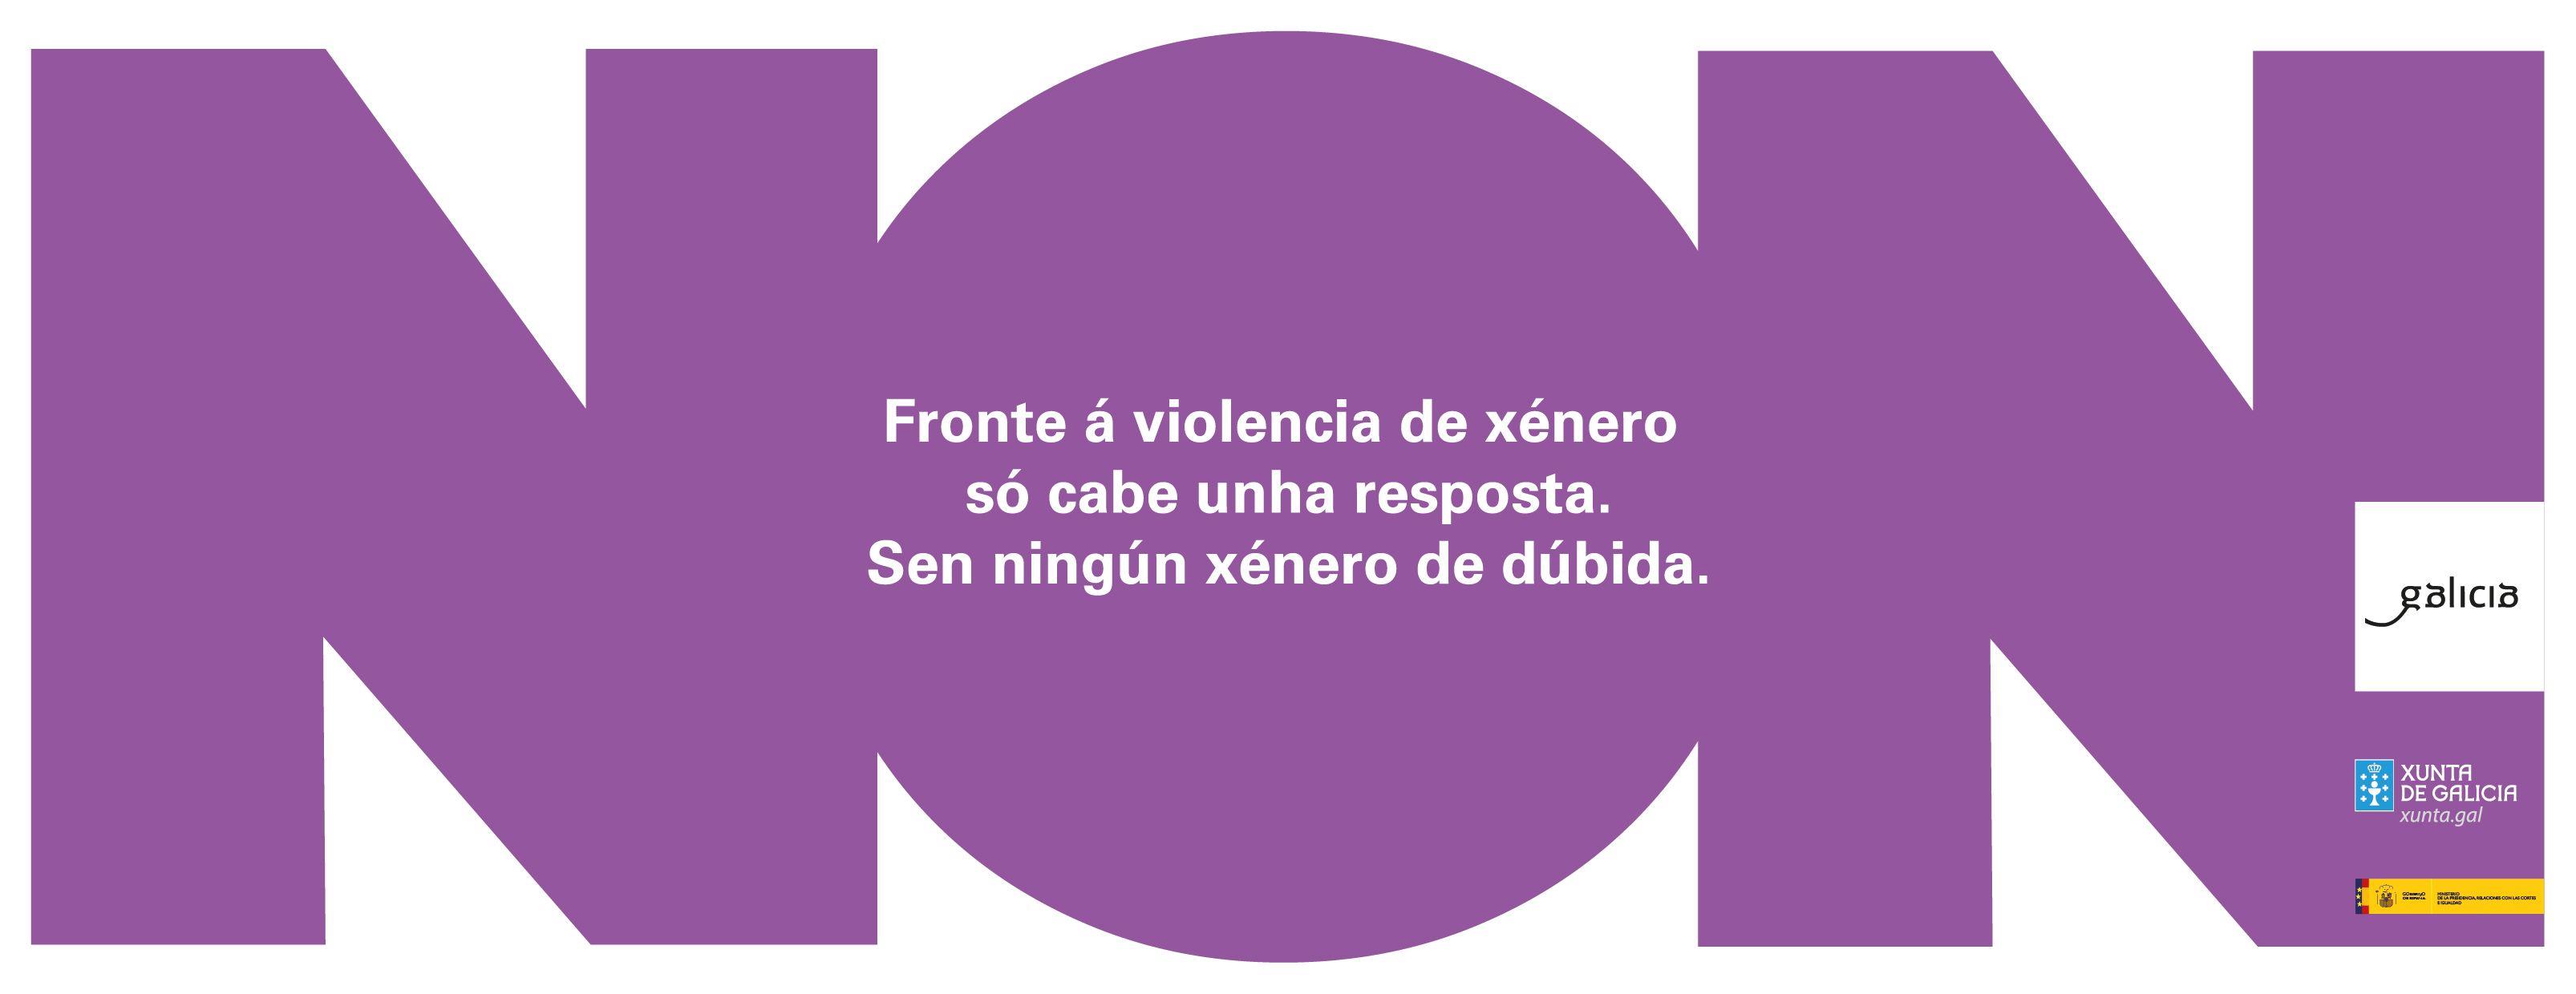 Non a violencia de xénero